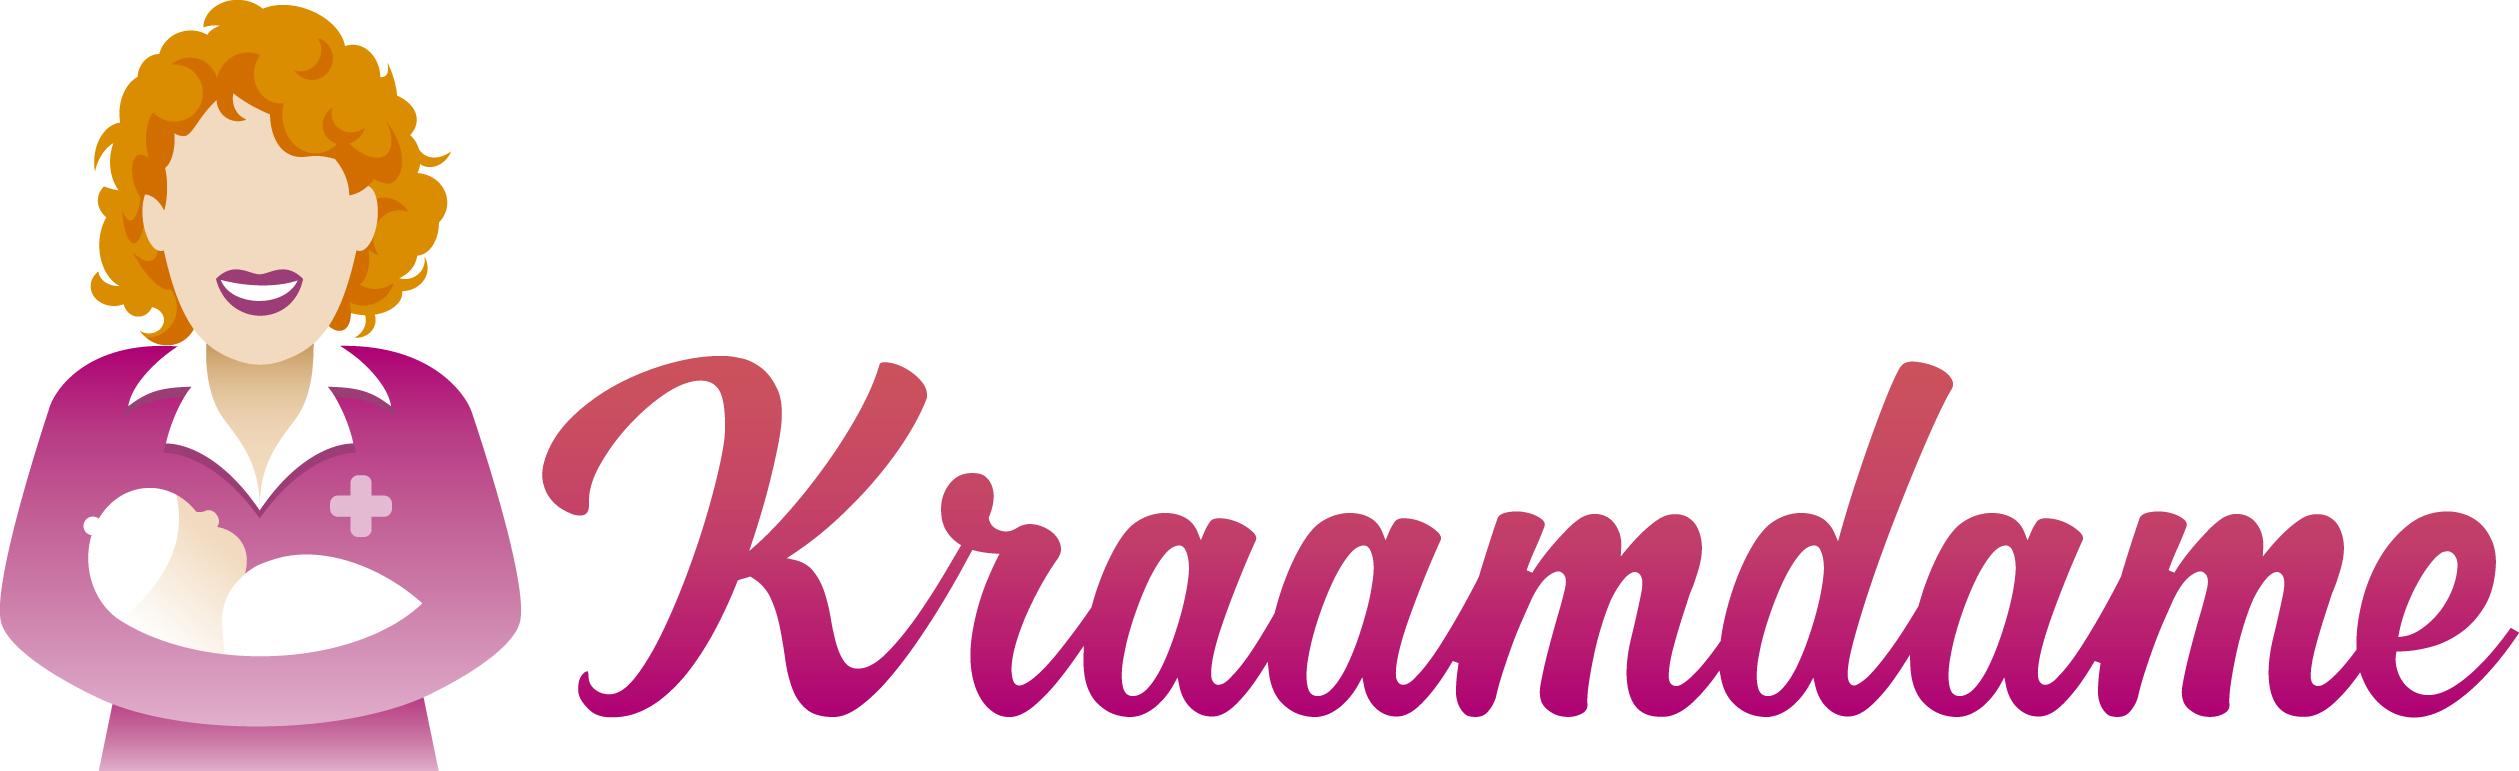 Kraamdame | Kraamzorg en Lactatiekundige in Zwolle en omgeving